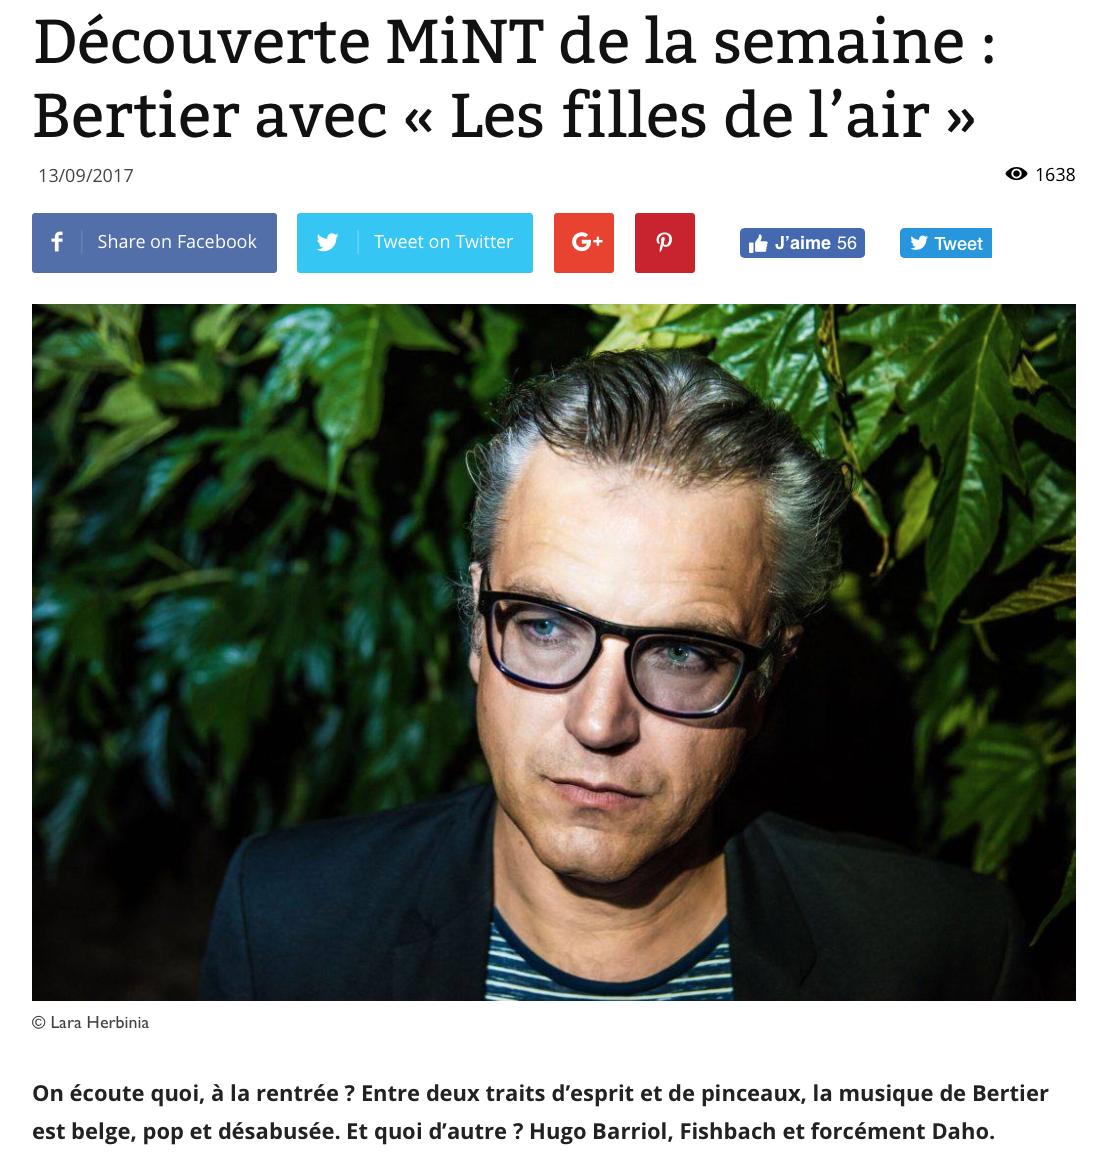 https://fr.metrotime.be/2017/09/13/culture/decouverte-mint-de-semaine-bertier-filles-de-lair/  (sortie papier 13/09/2017)